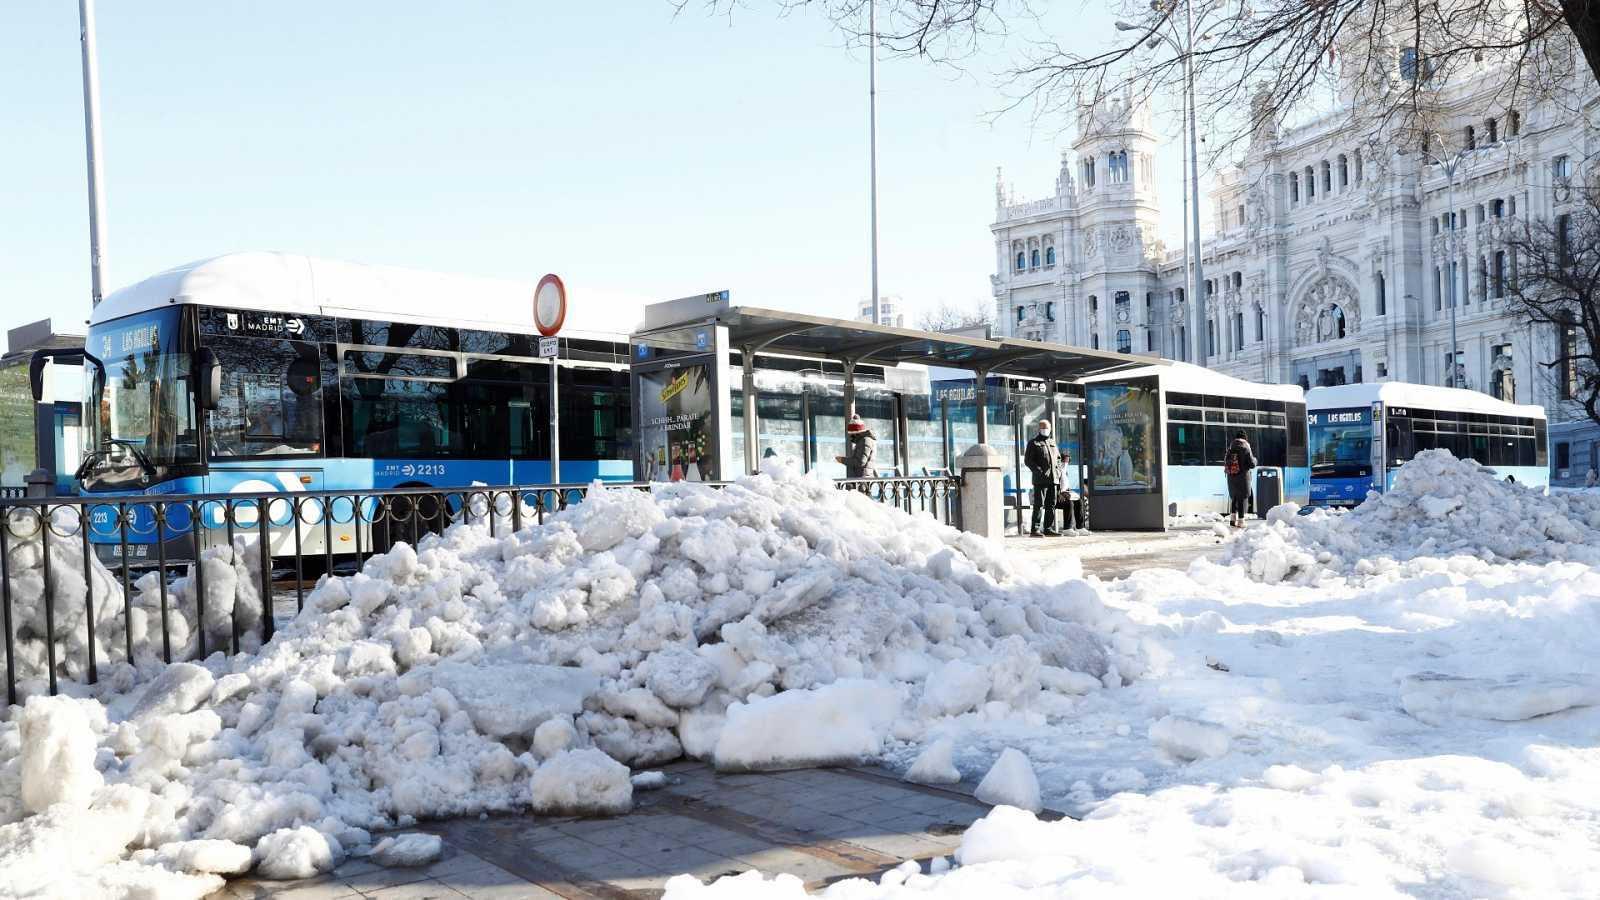 El frío azota Madrid y el hielo ralentiza la vuelta a la normalidad tras el temporal